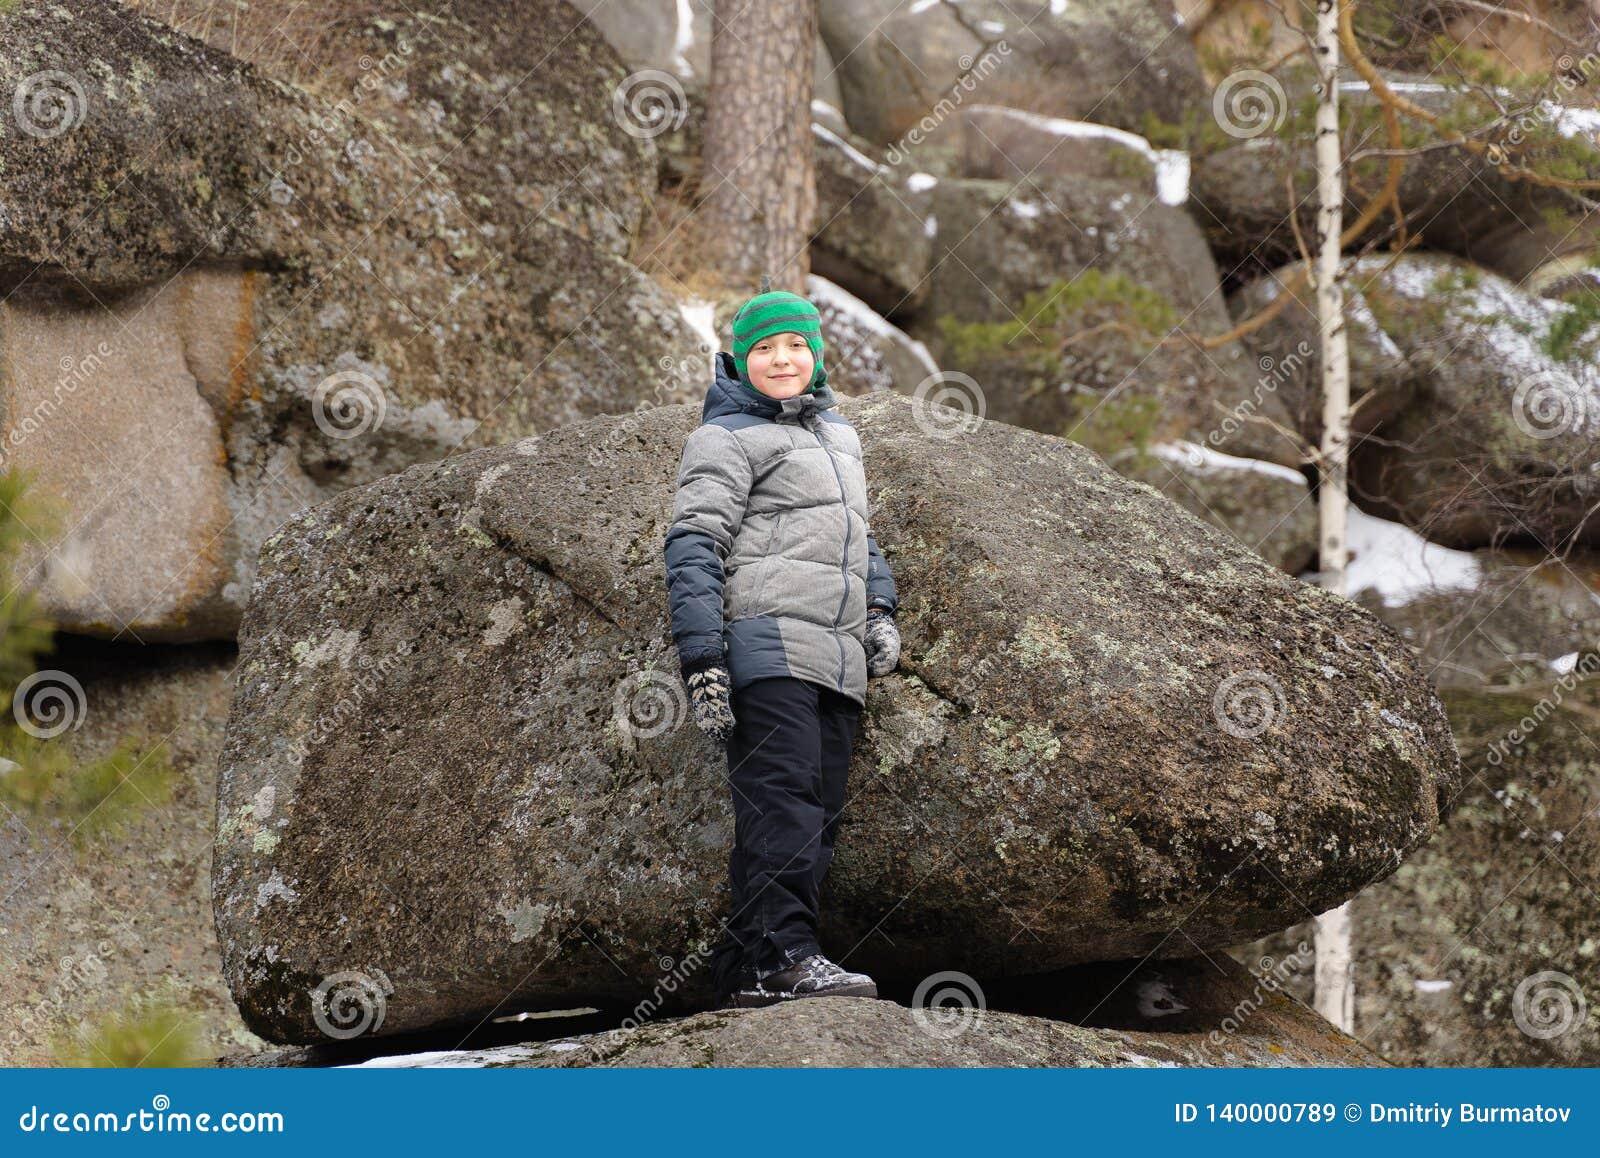 O menino escalou em um pedregulho no meio das rochas